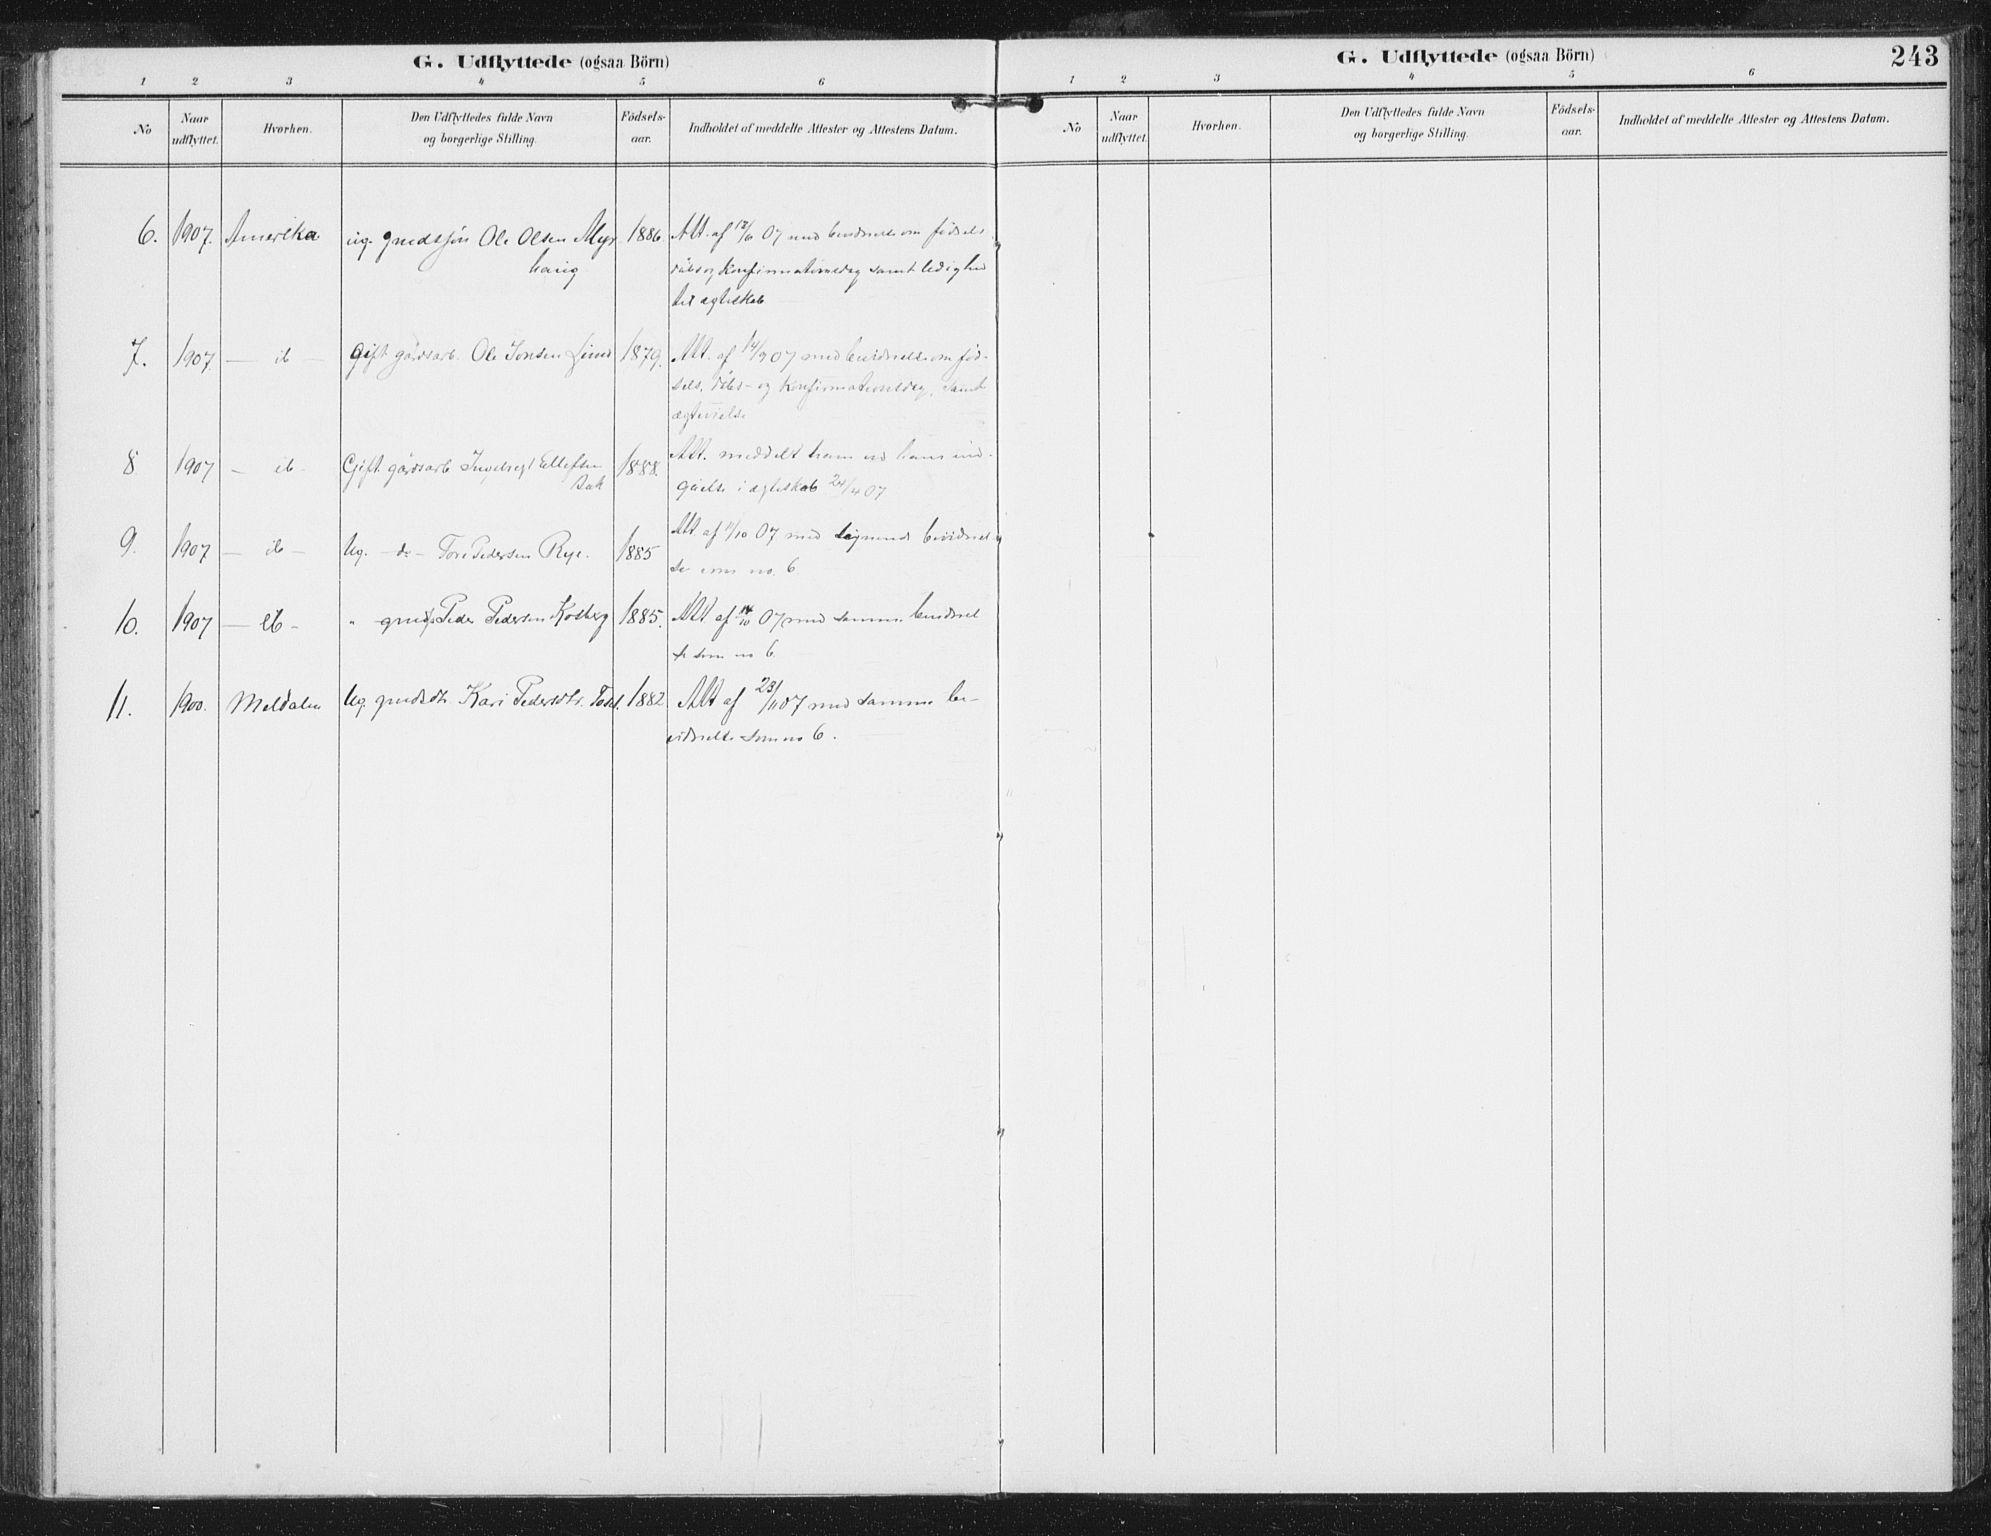 SAT, Ministerialprotokoller, klokkerbøker og fødselsregistre - Sør-Trøndelag, 674/L0872: Ministerialbok nr. 674A04, 1897-1907, s. 243